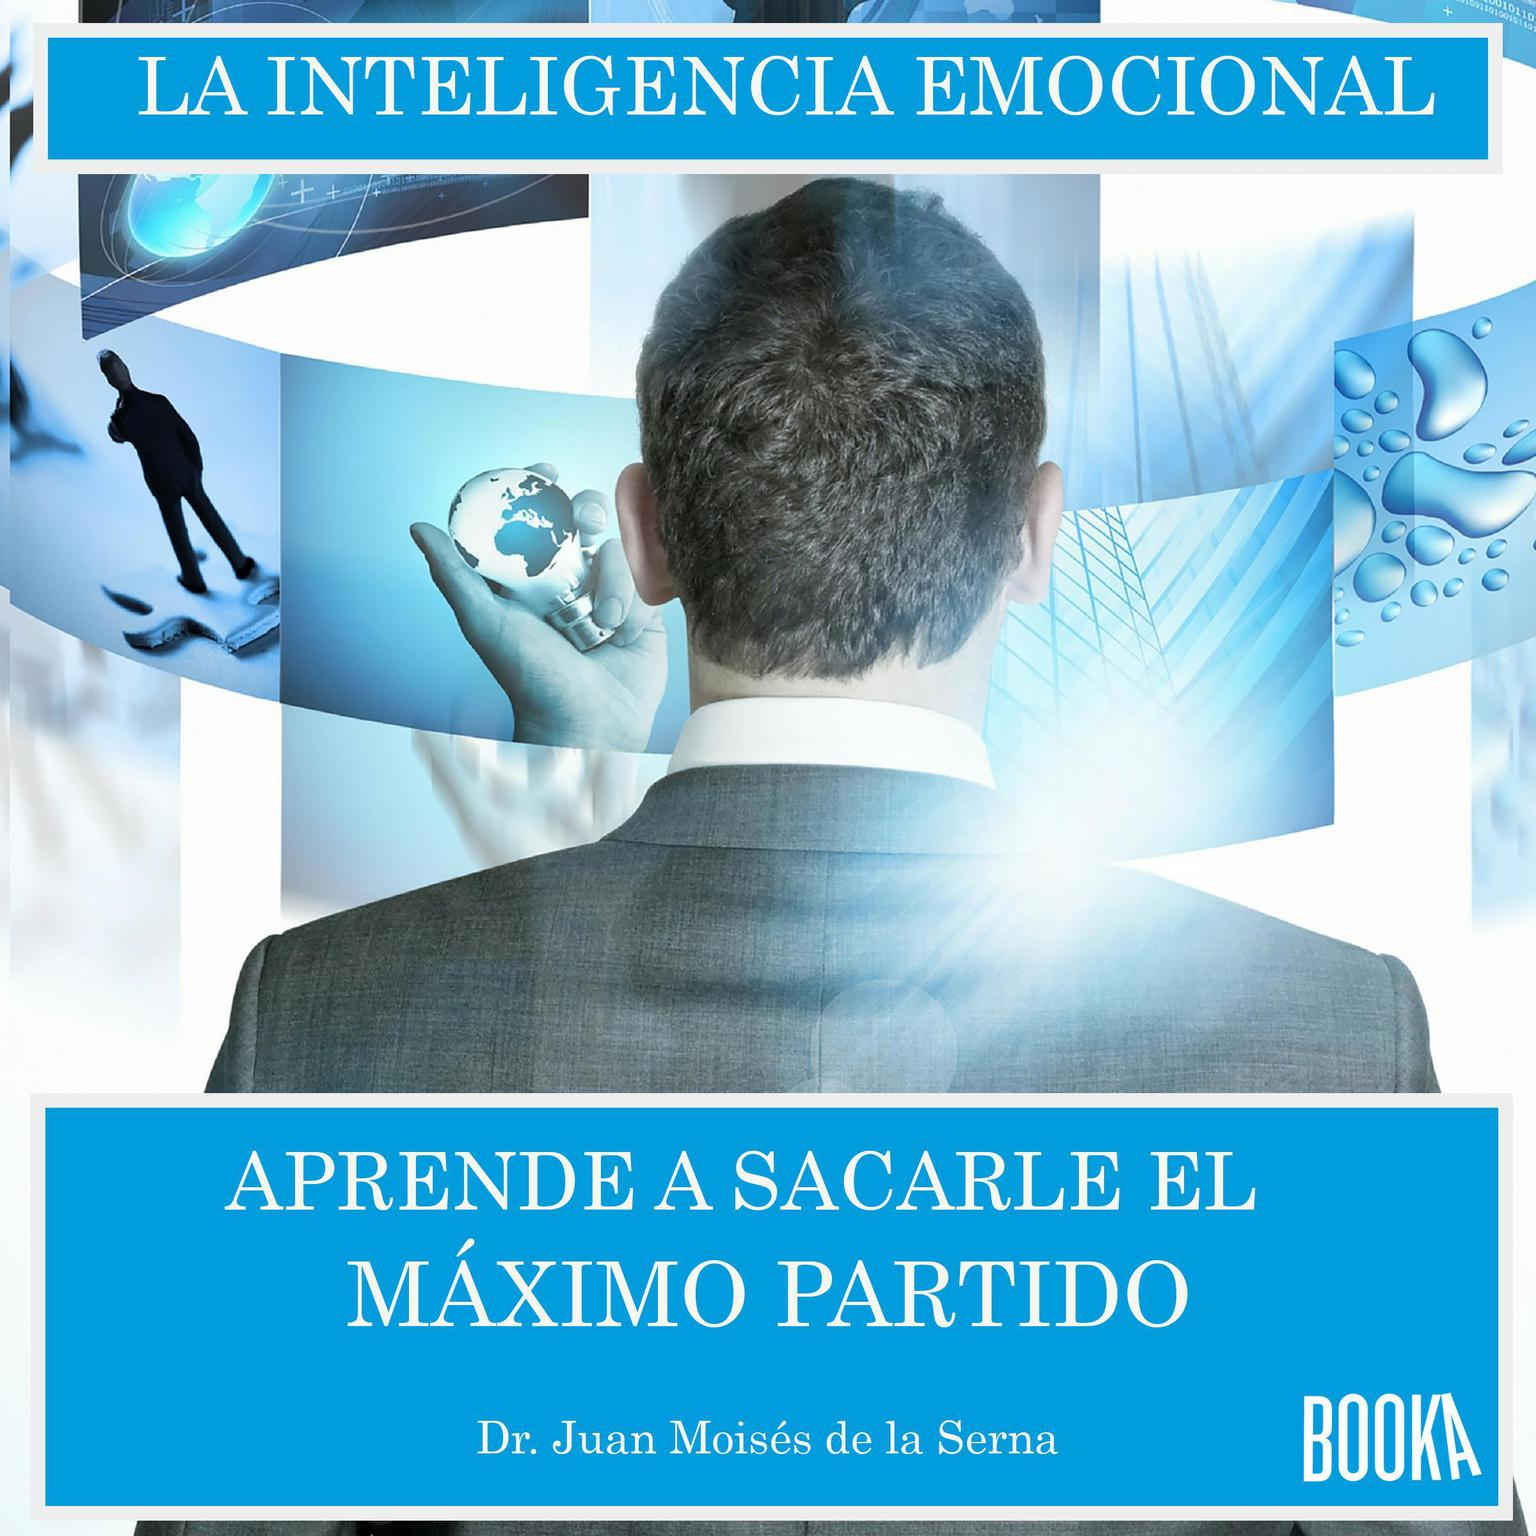 Inteligencia emocional: Aprende a sacarle el maximo partido Audiobook, by Juan Moisés De La Serna